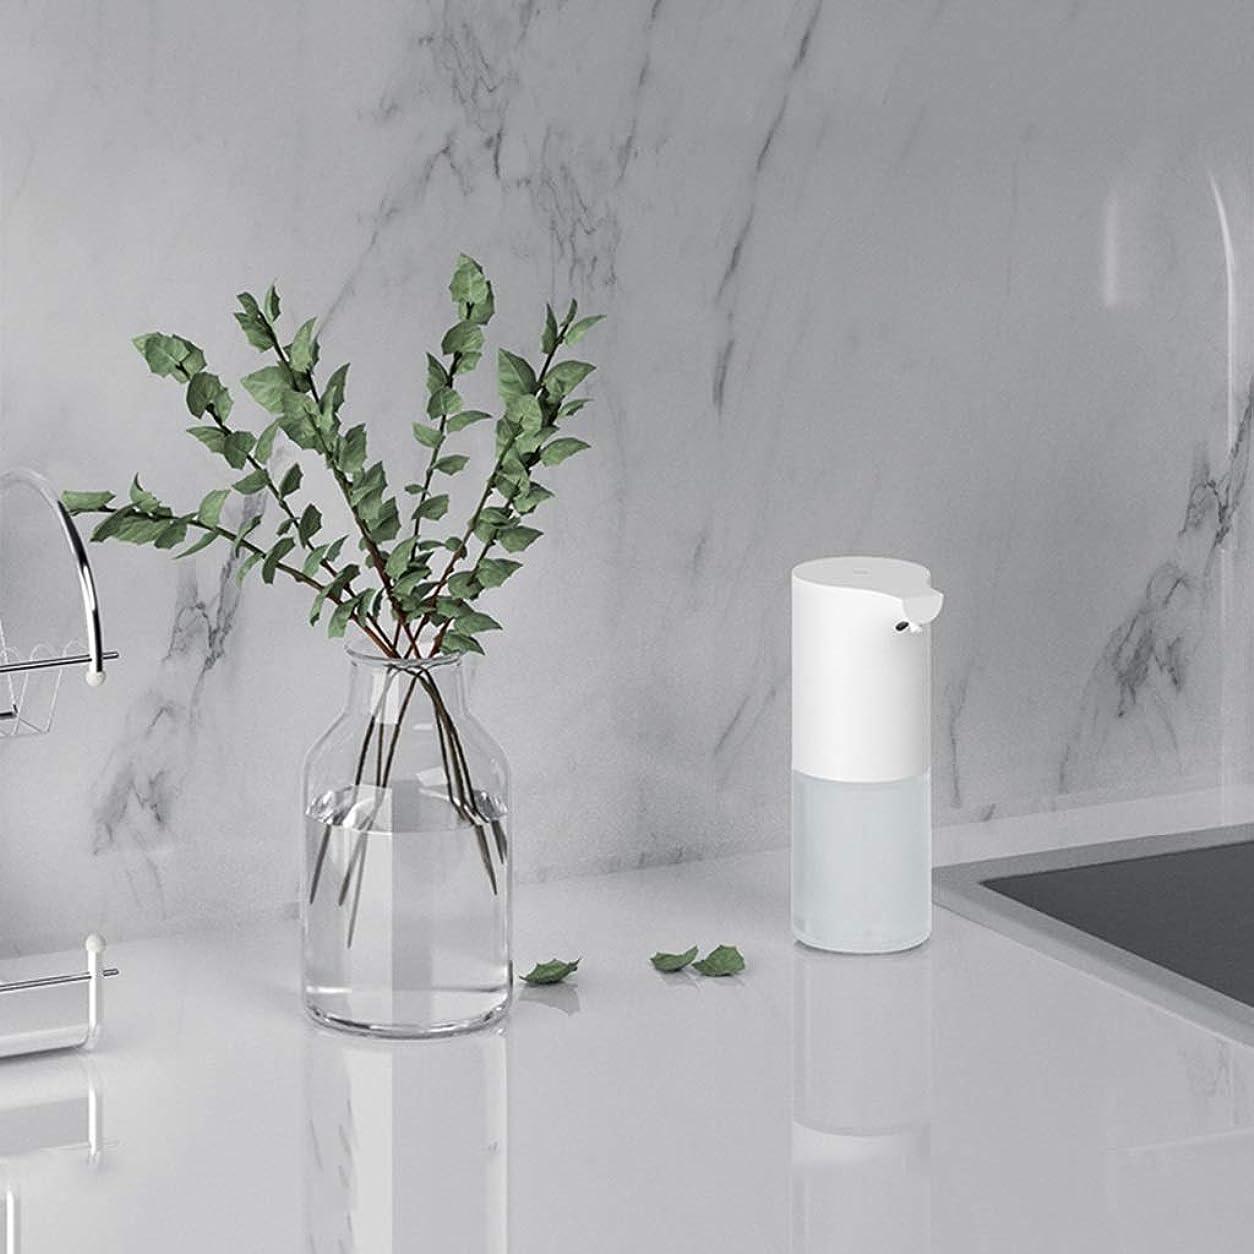 暴力的なコンパクト爆発物赤外線センサー泡手消毒剤320ミリリットル環境保護素材石鹸ボトルキッチンバスルームローション(色:白、サイズ:19 * 9.8 * 7.3 cm) (Color : White, Size : 19*9.8*7.3cm)